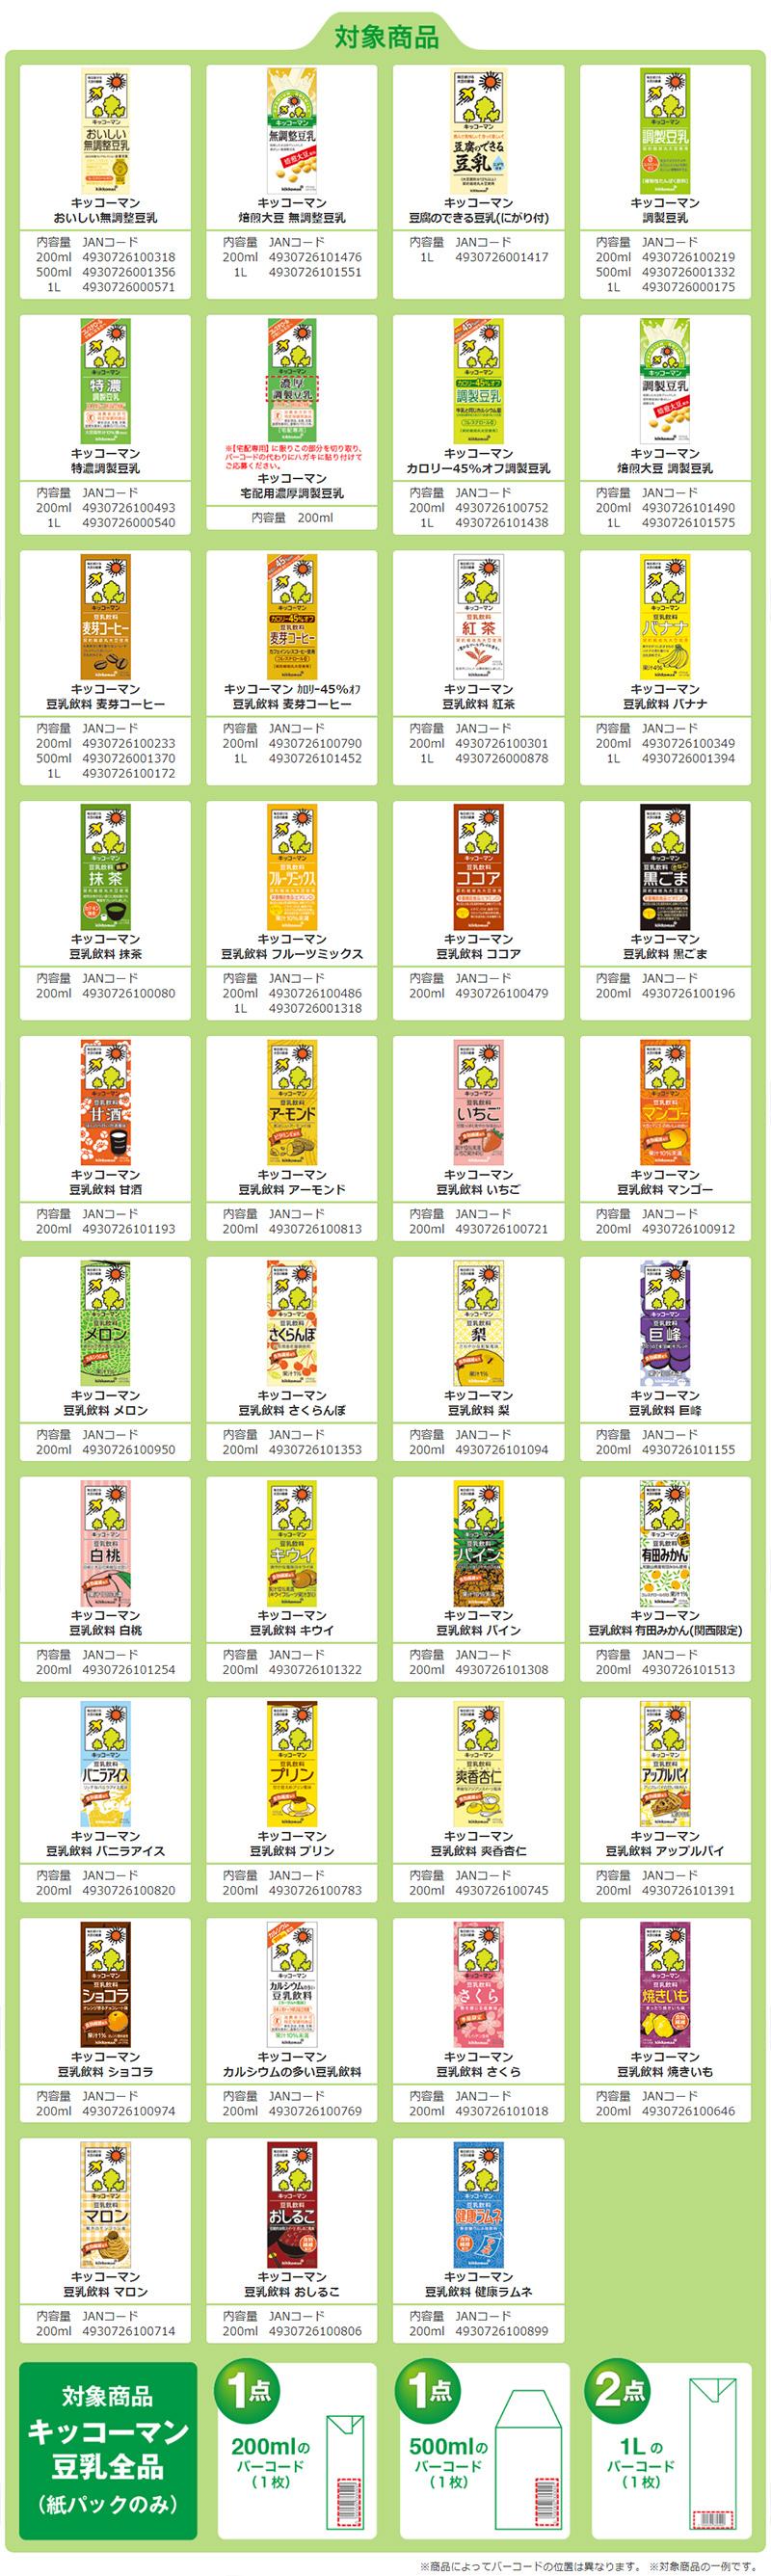 キッコーマン豆乳 ディズニー懸賞キャンペーン2017 対象商品